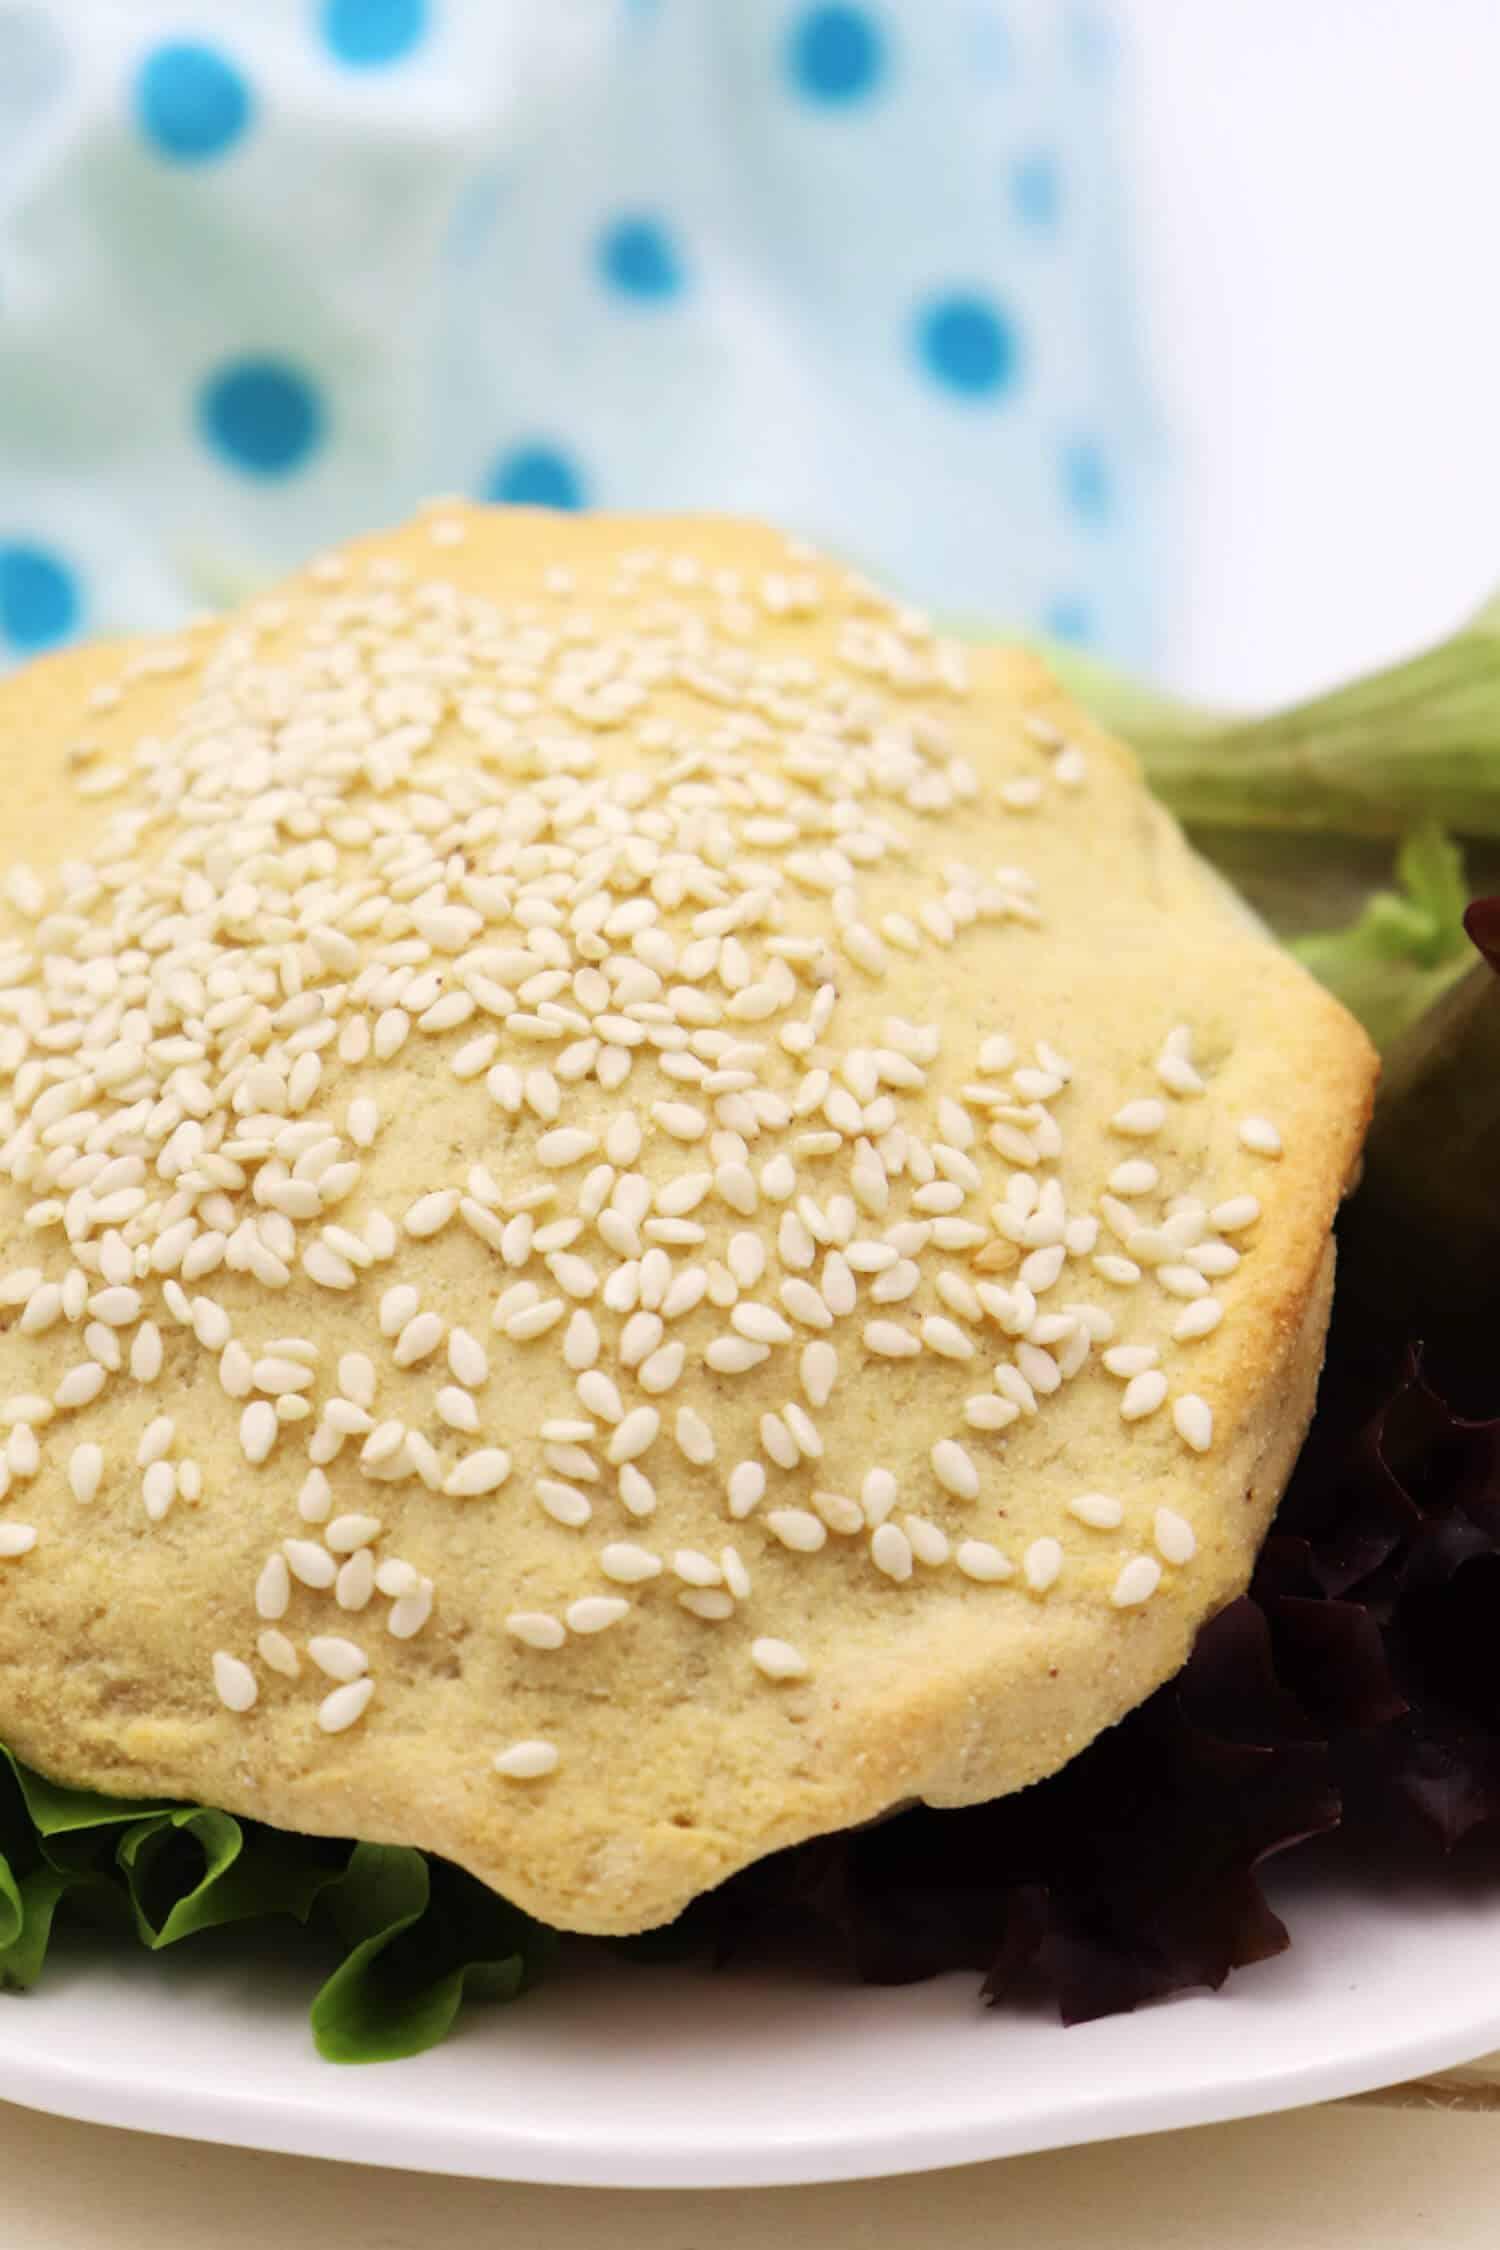 Low Carb Teigtaschen wie Cheeseburger selber machen